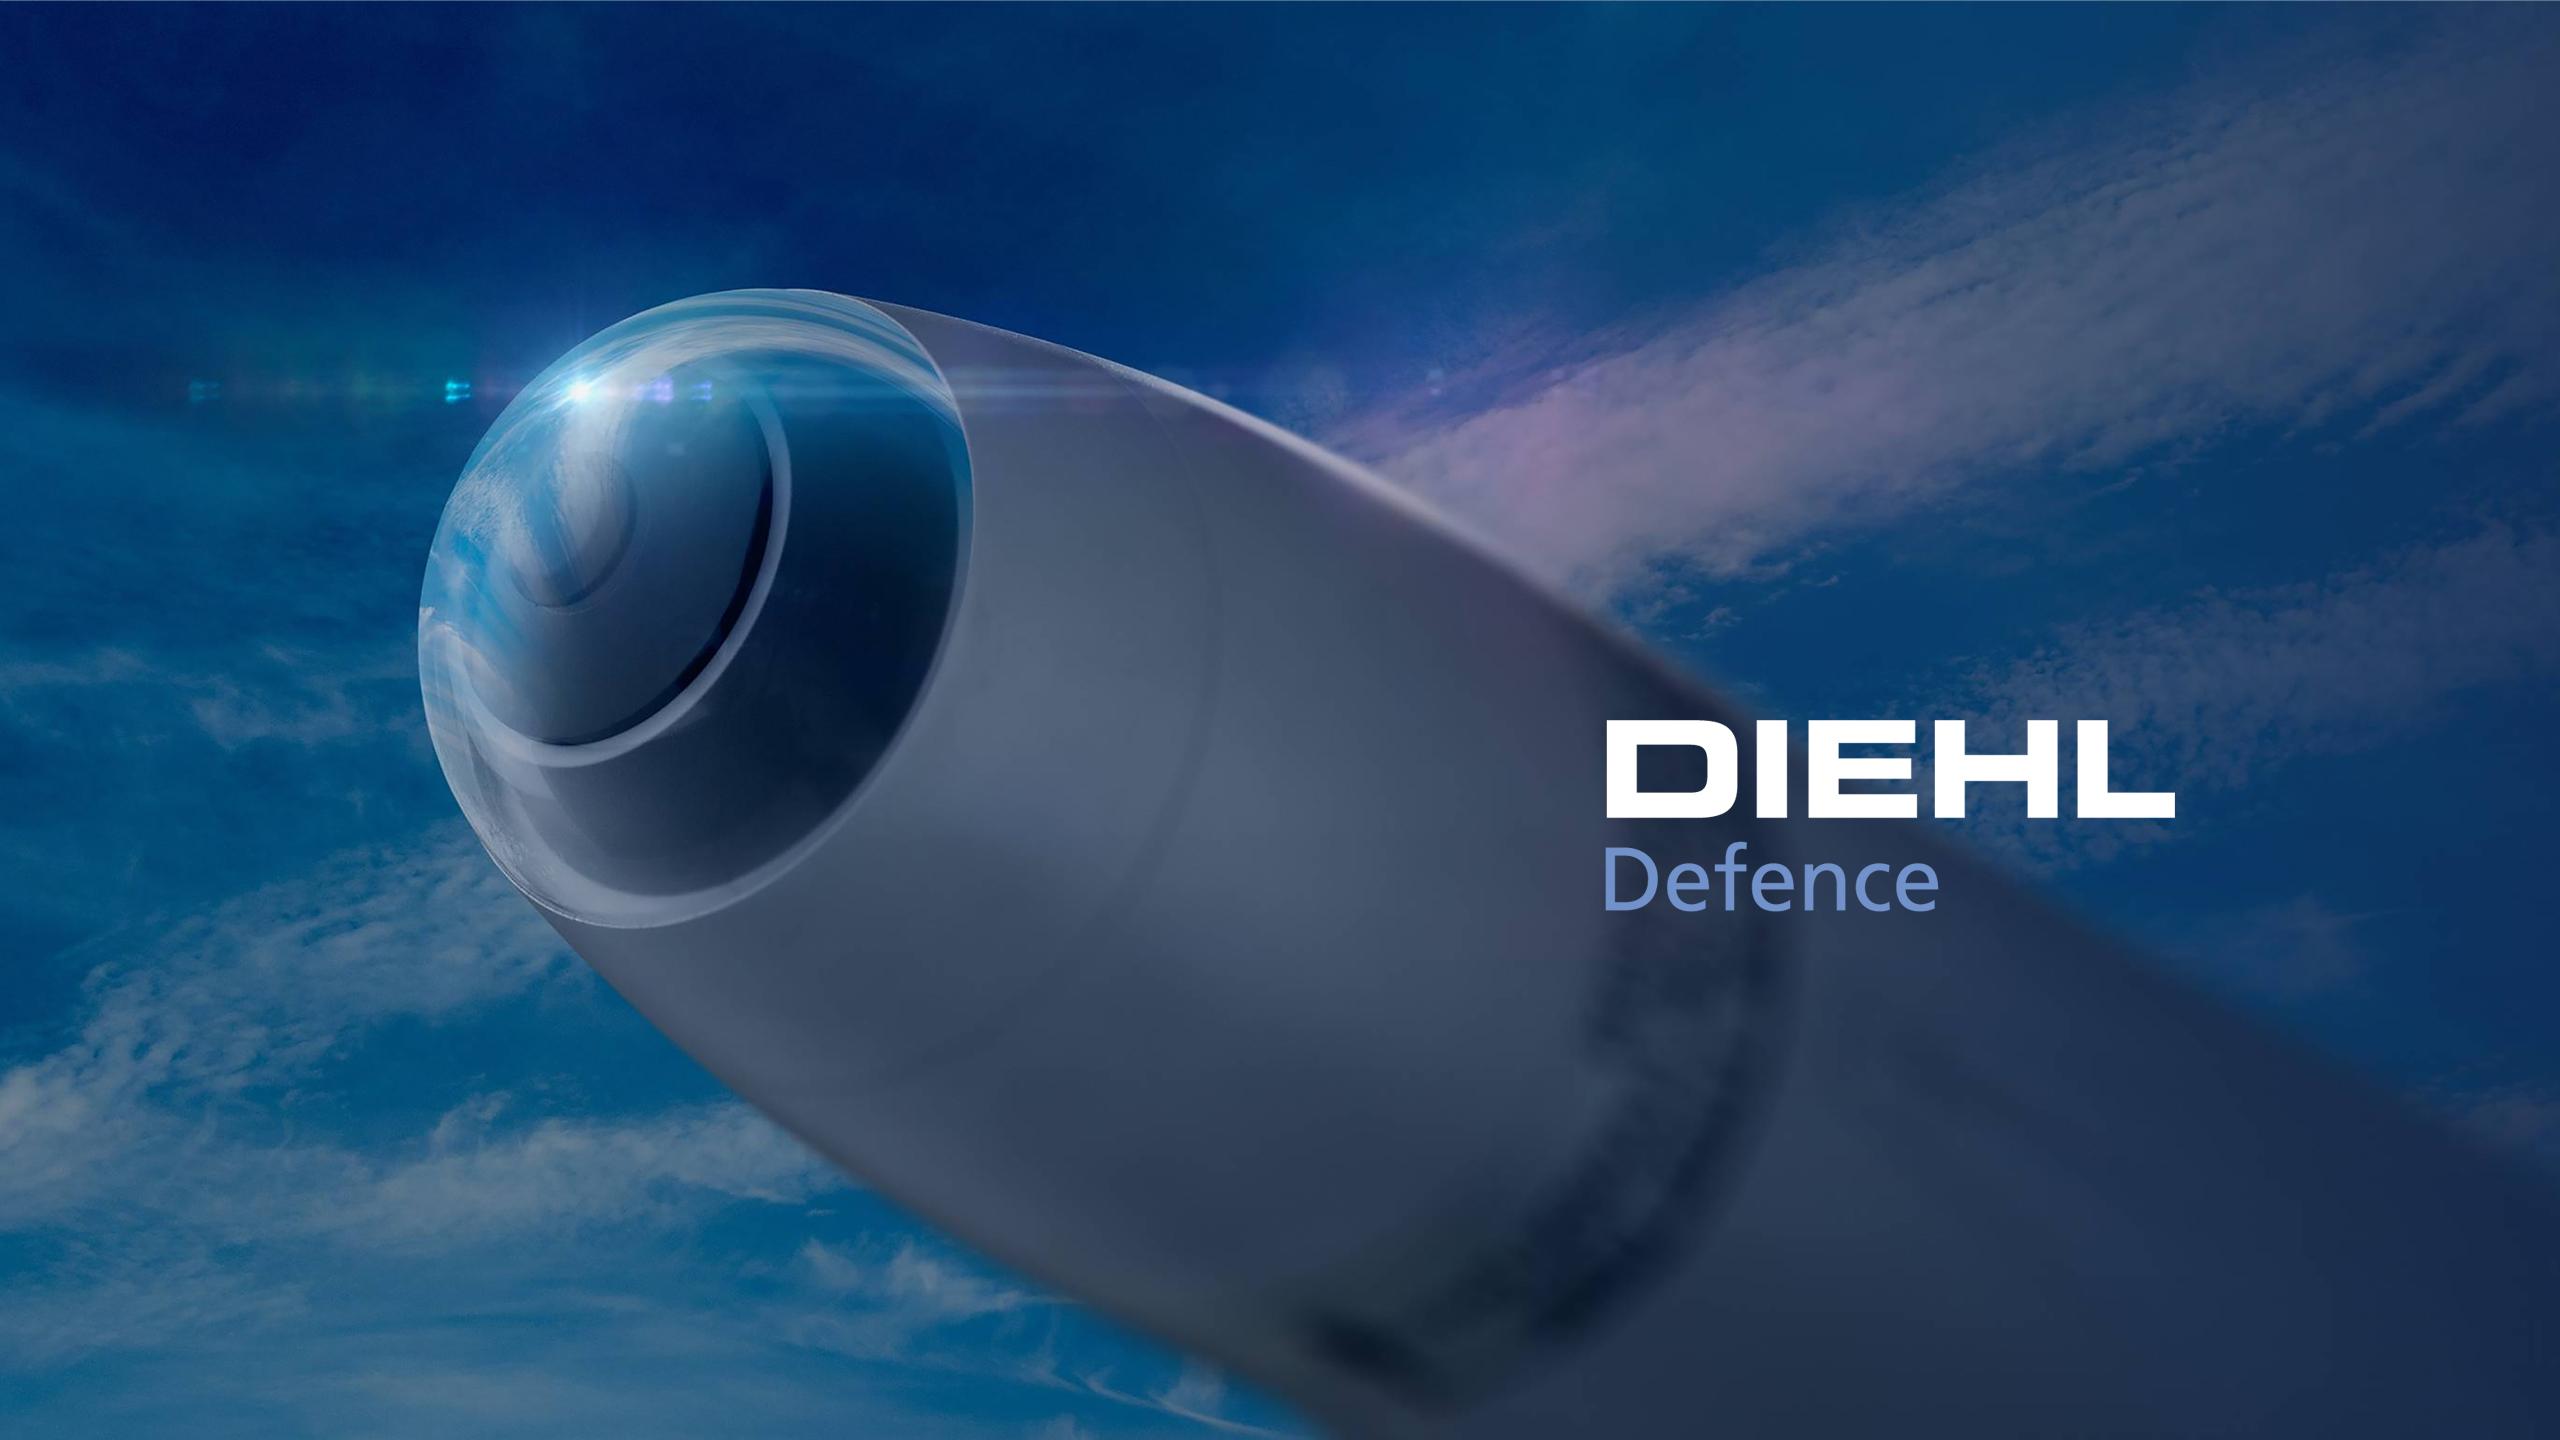 www.diehl.com